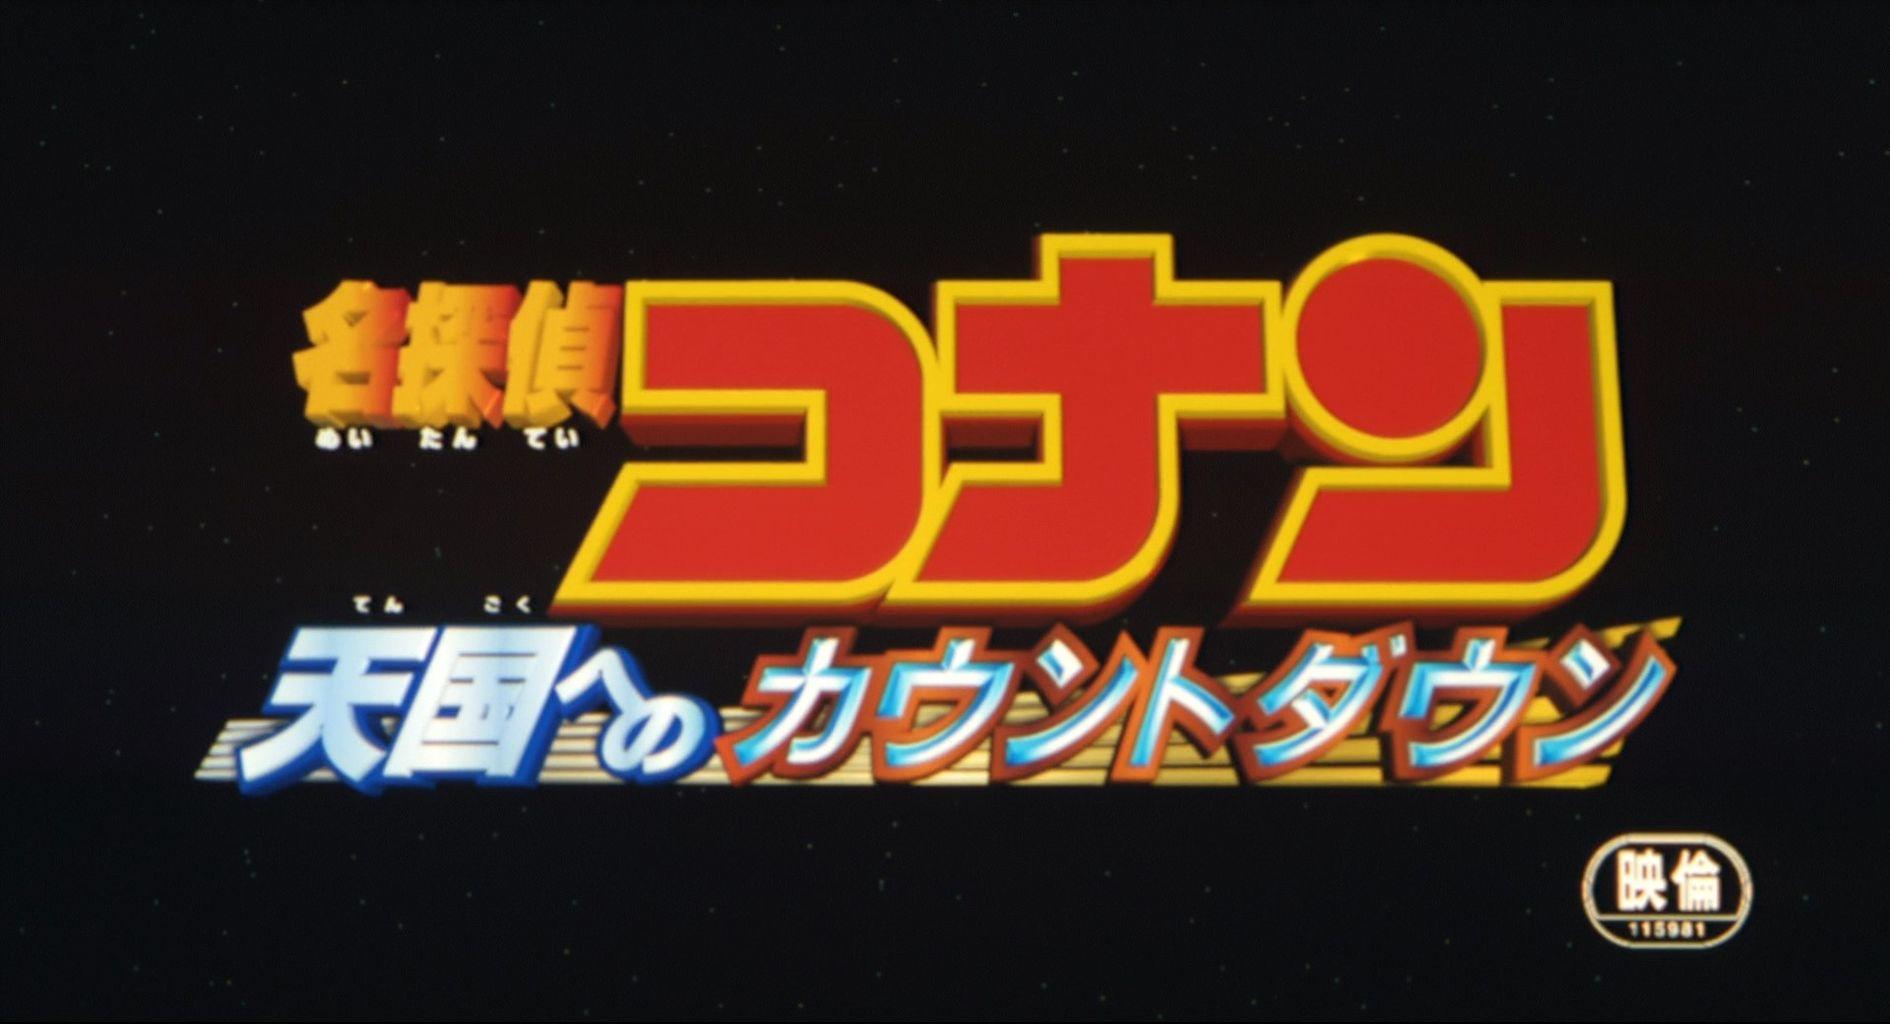 名探偵コナン 天国へのカウントダウンの画像 p1_25